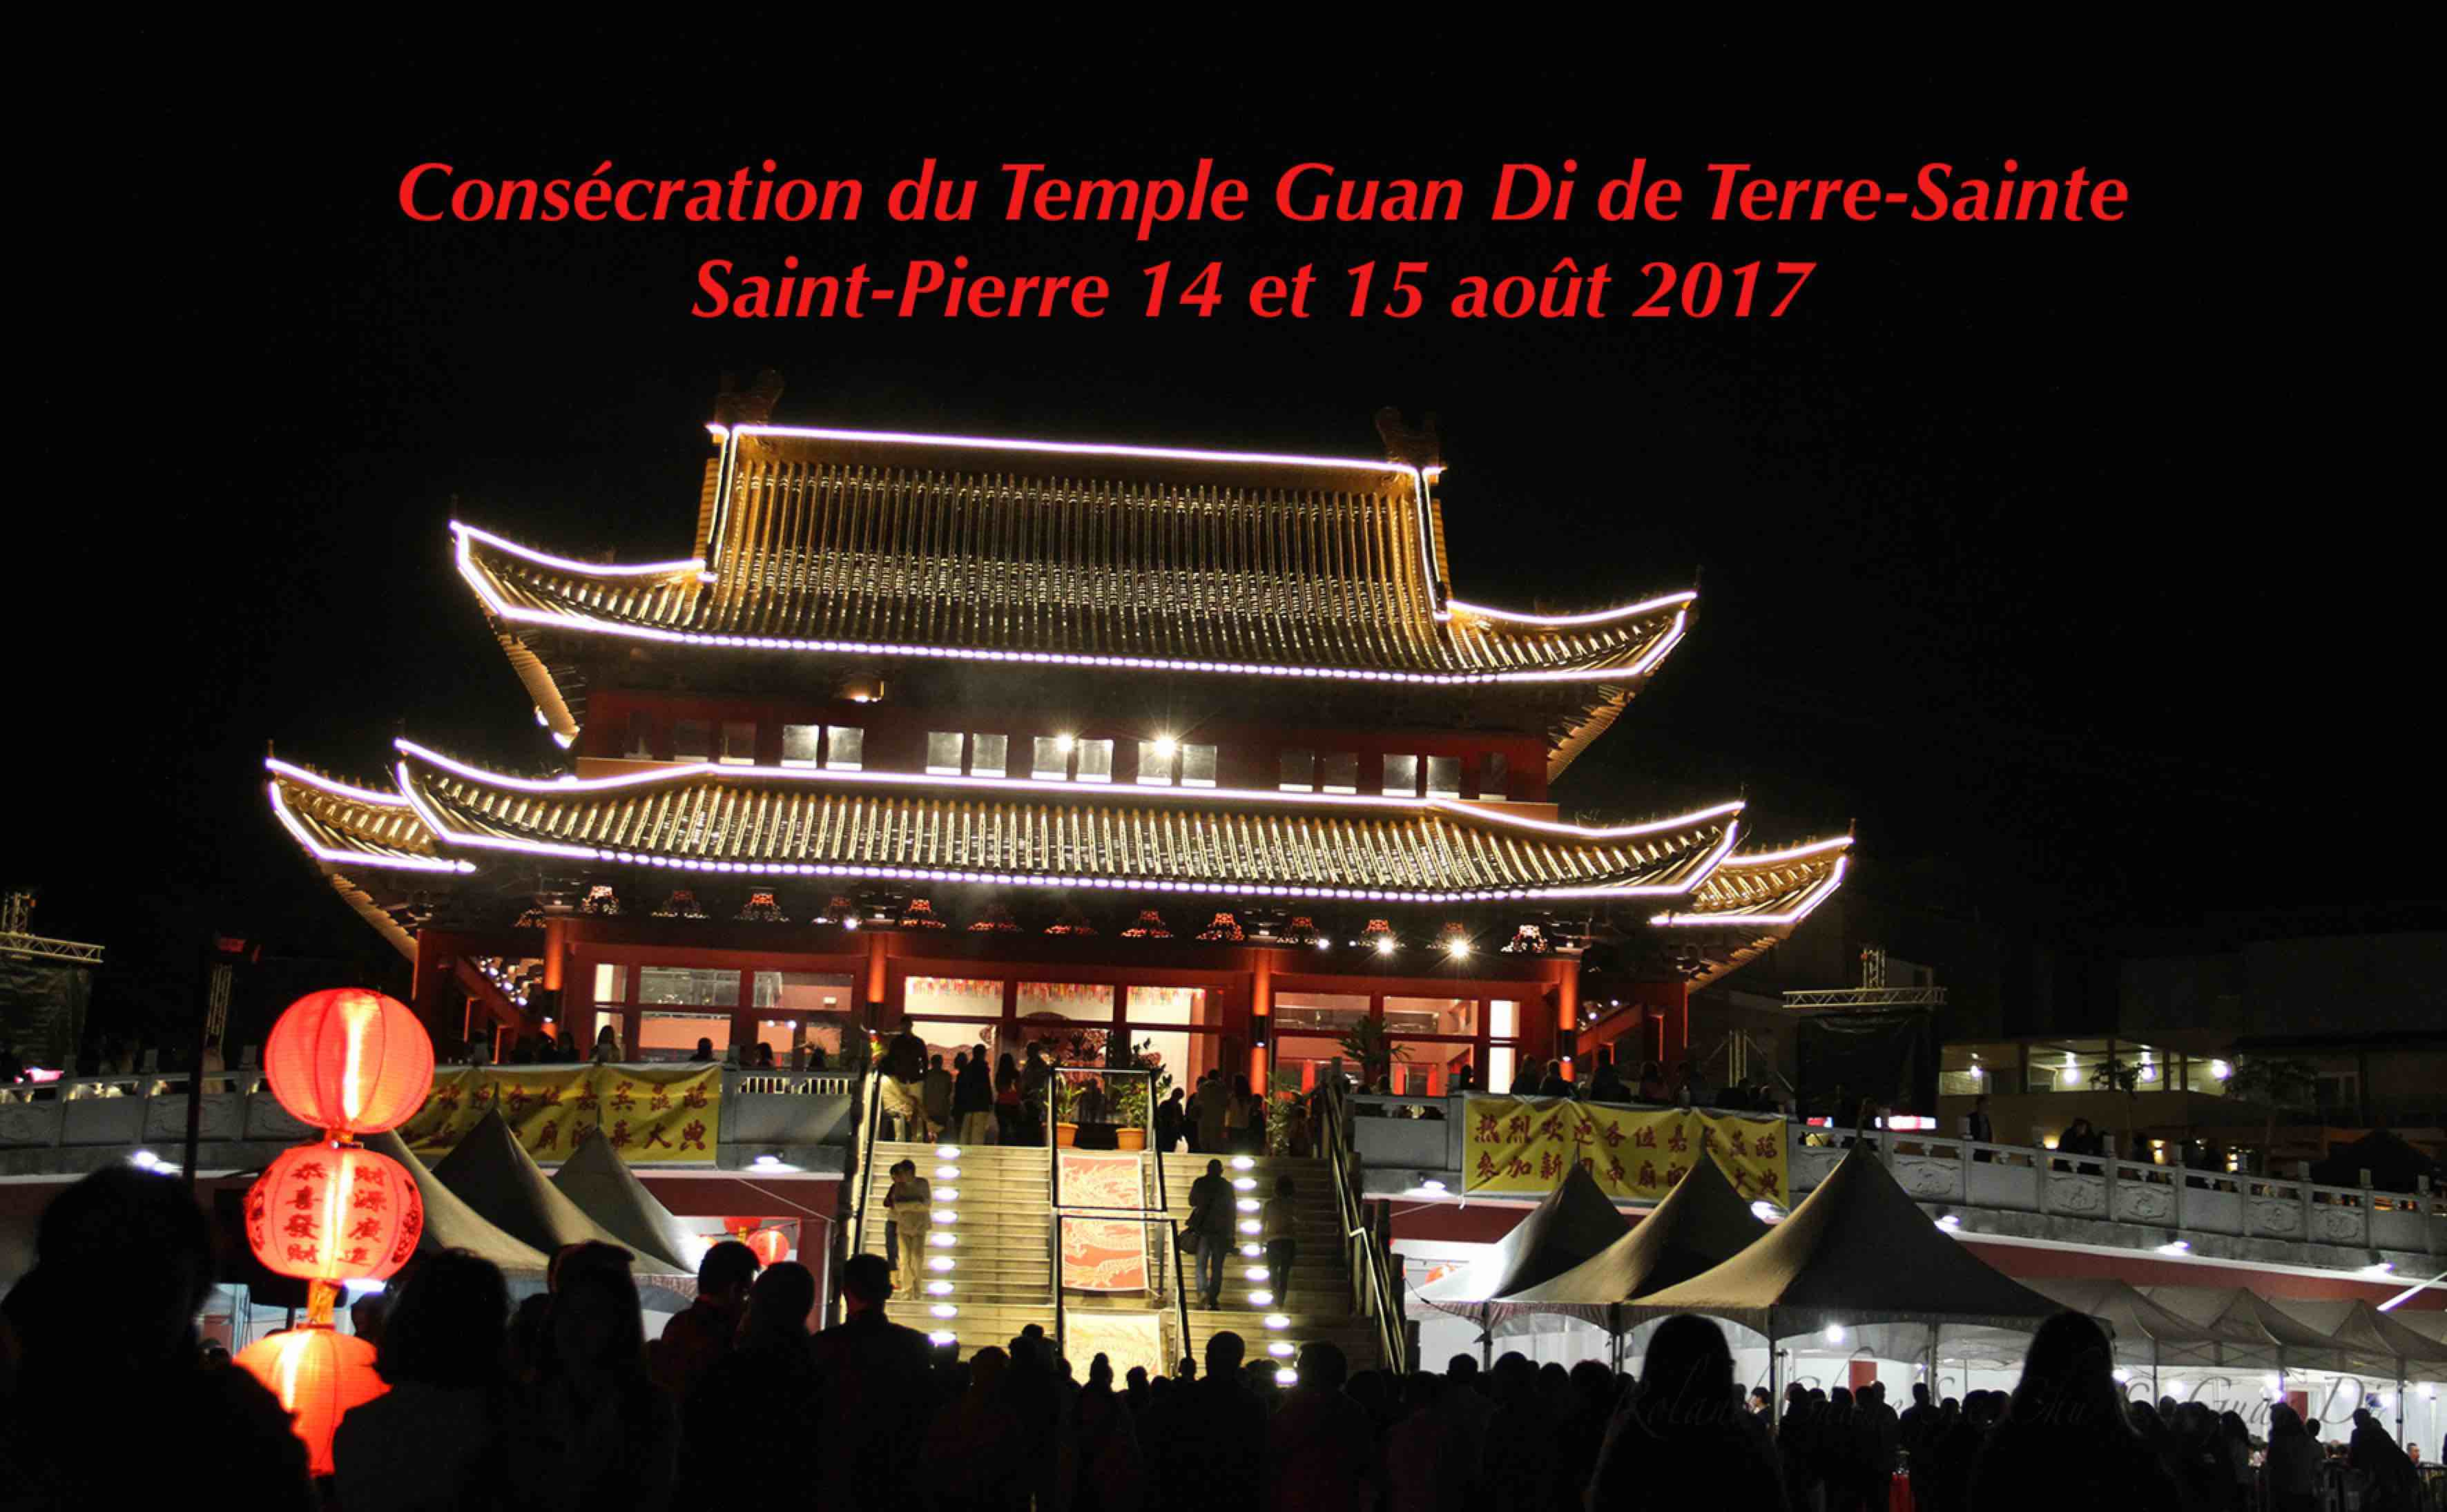 Sur les hauteurs de Terre-Sainte s'élève le plus grand temple Guan Di de tout l'océan indien